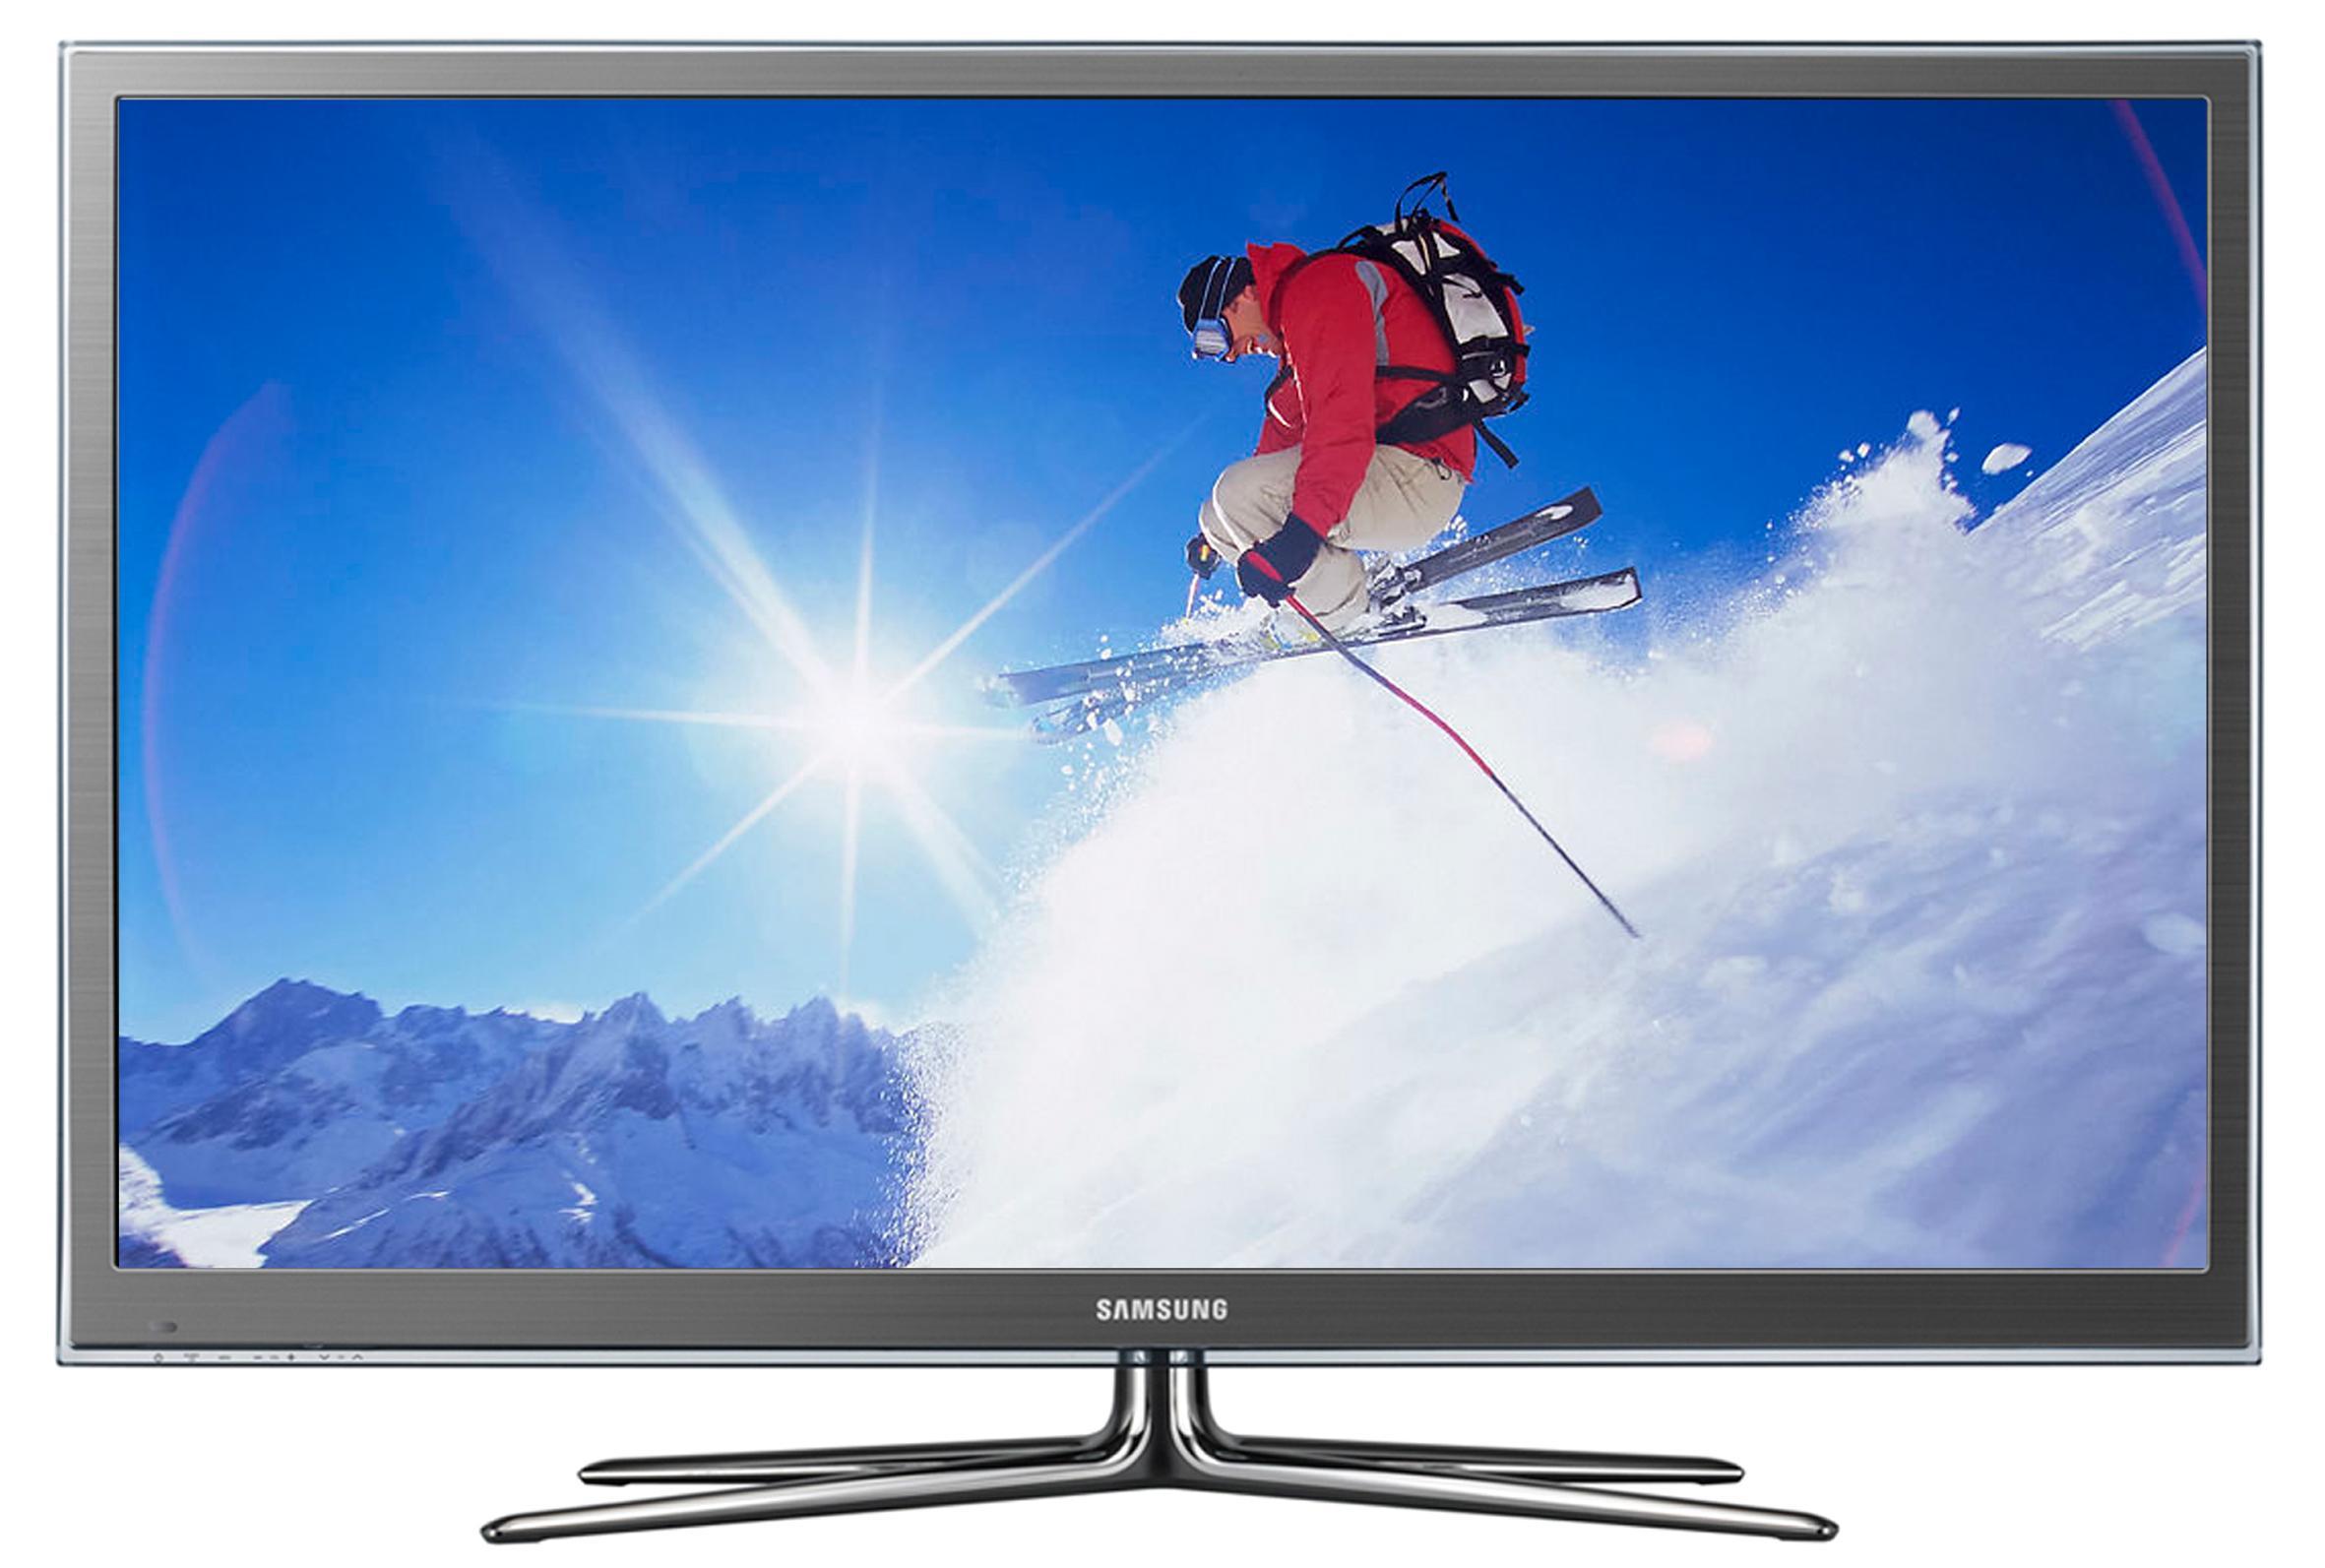 如果长时间不使用液晶电视